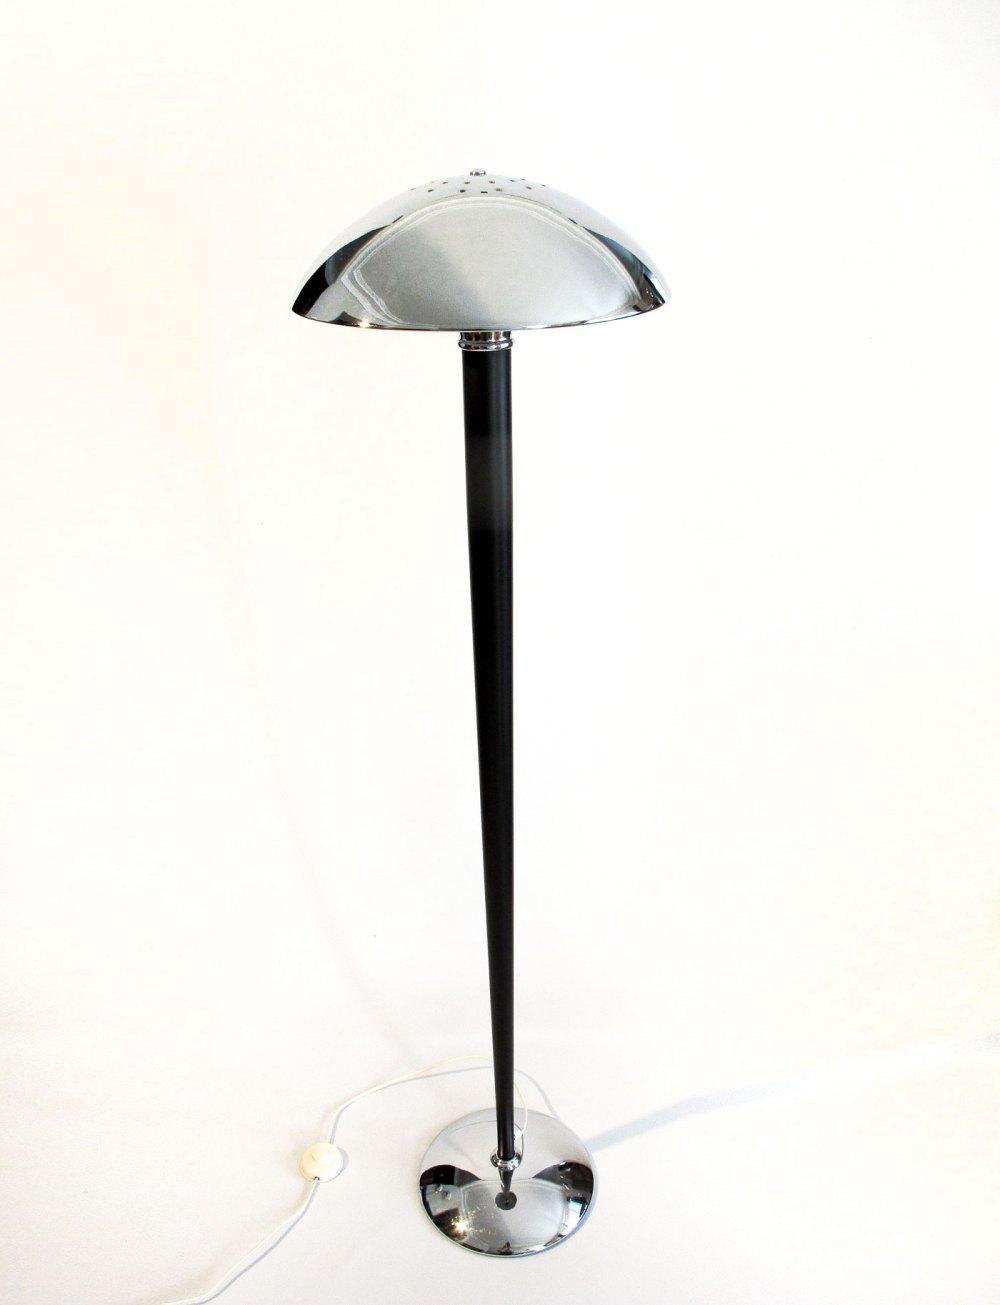 lampadaire vintage ikea 1980 en vente chez ltgmood.com